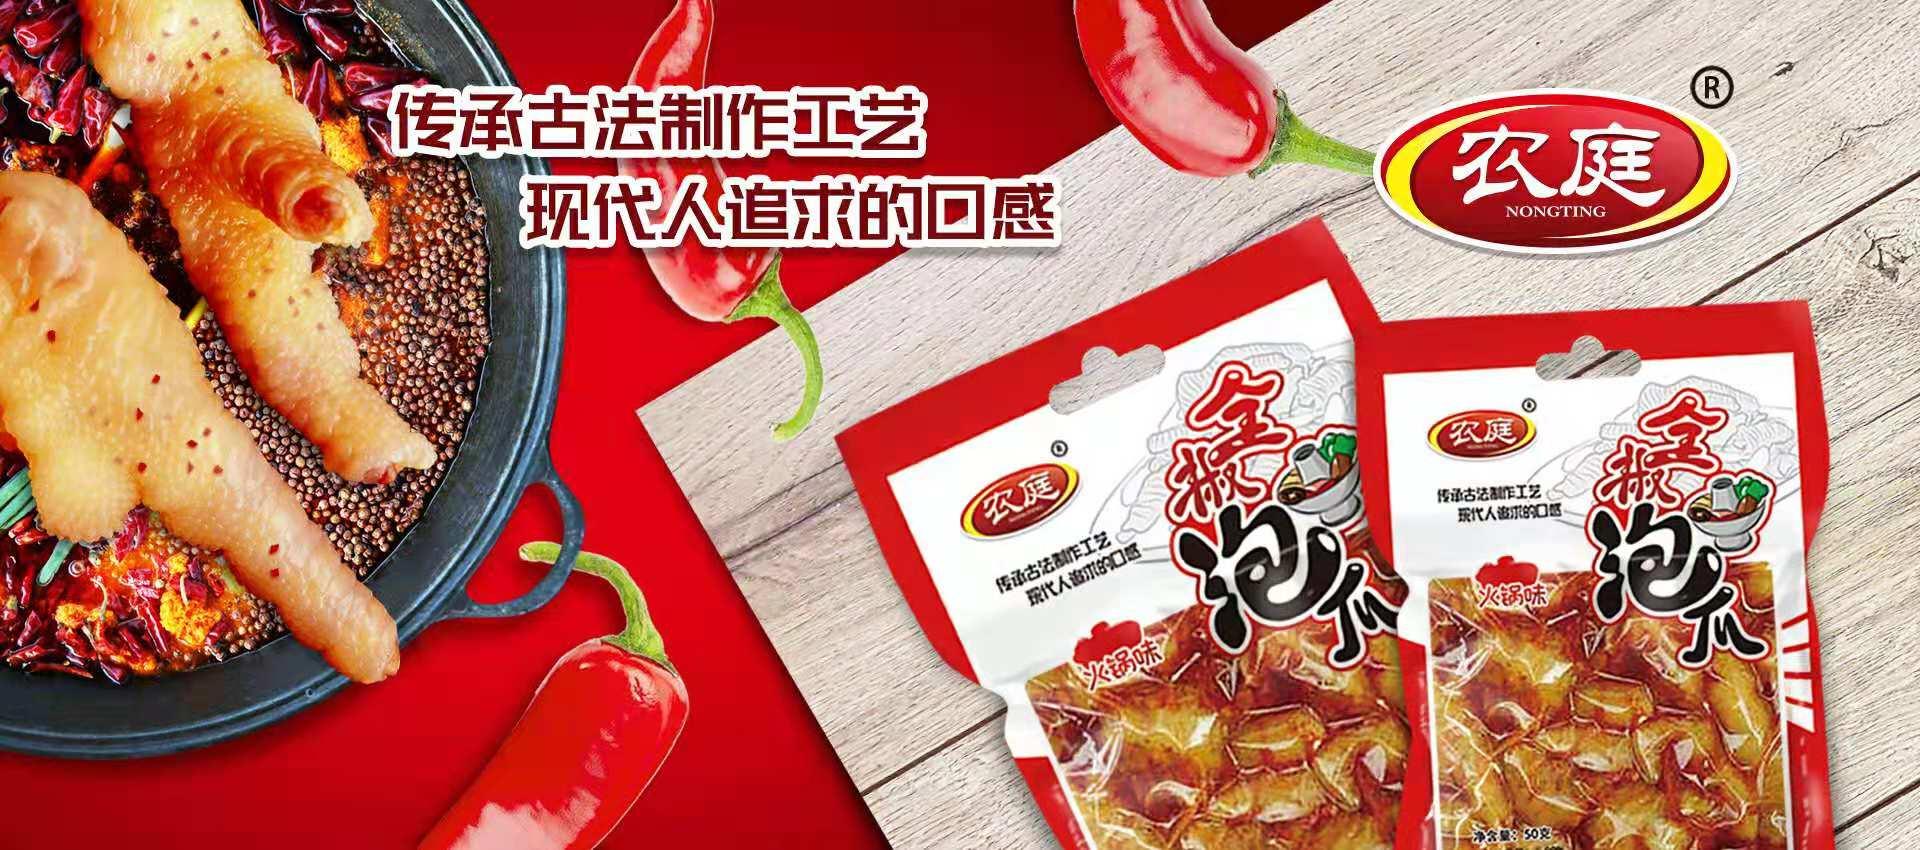 这农庭凤爪5元一袋,中国人却能每年吃掉2亿袋